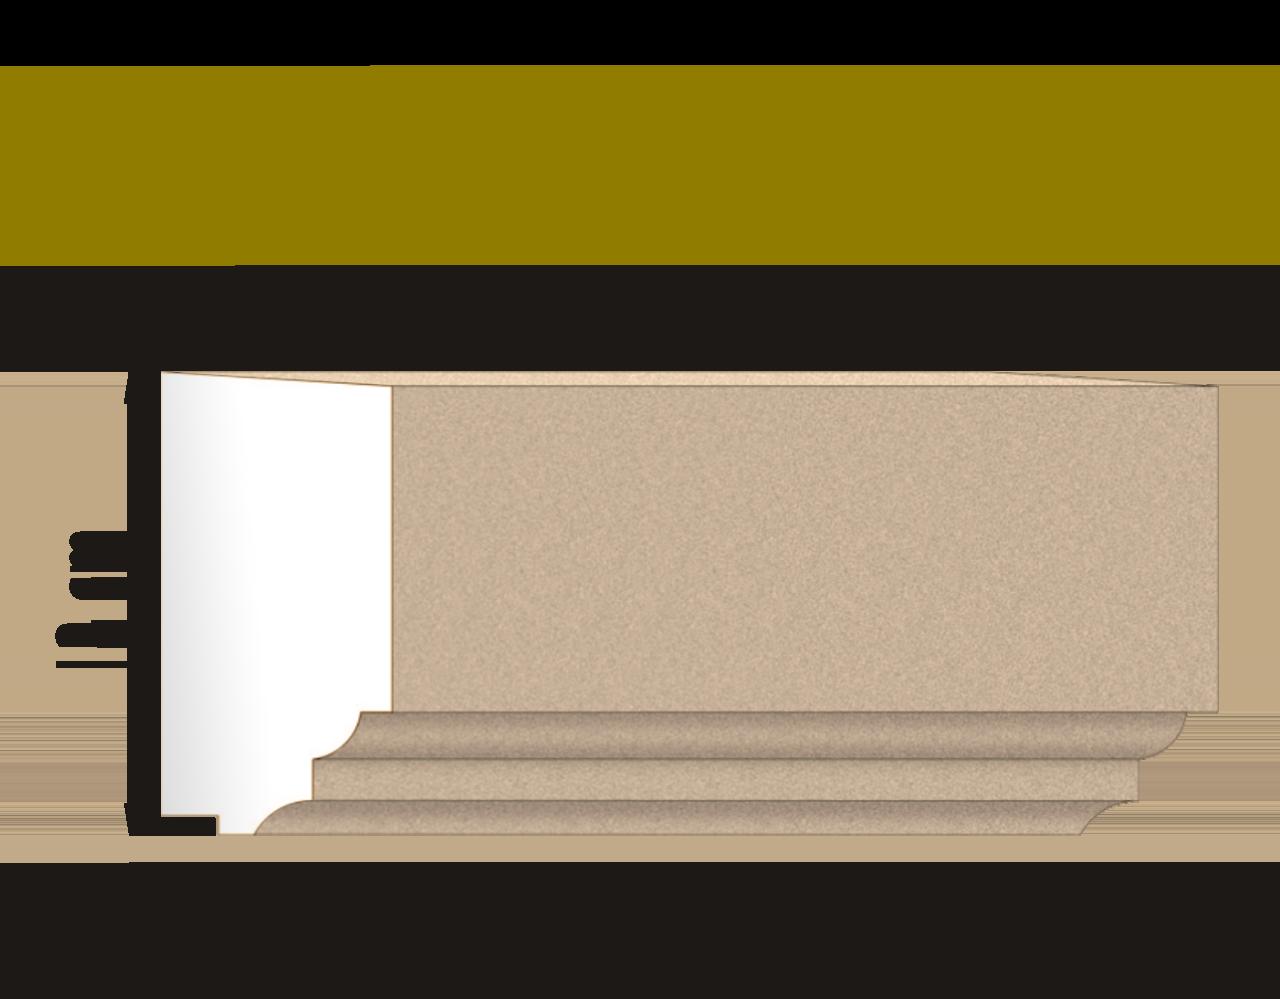 SAN-F-216